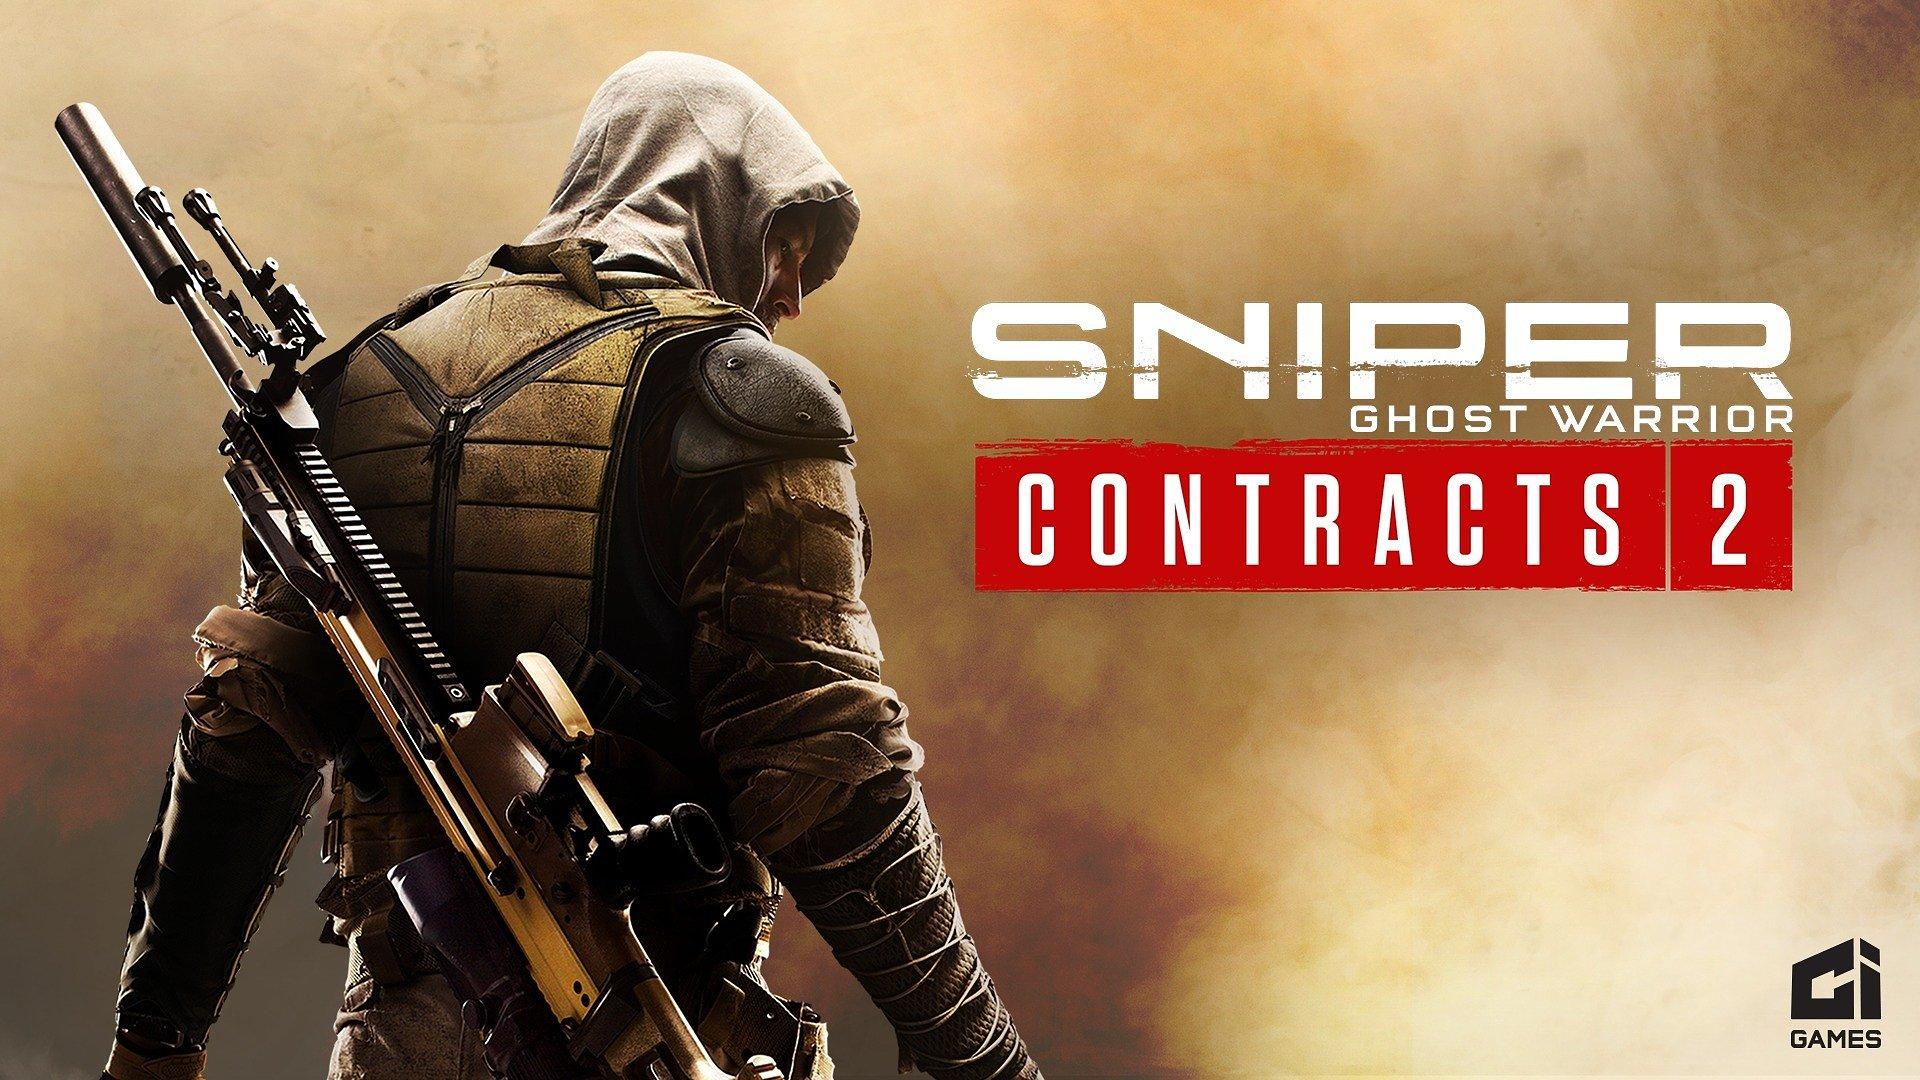 Sniper Ghost Warrior Contracts 2 już dostępny! Nowy zwiastun i DLC przygotowane ze shroudem